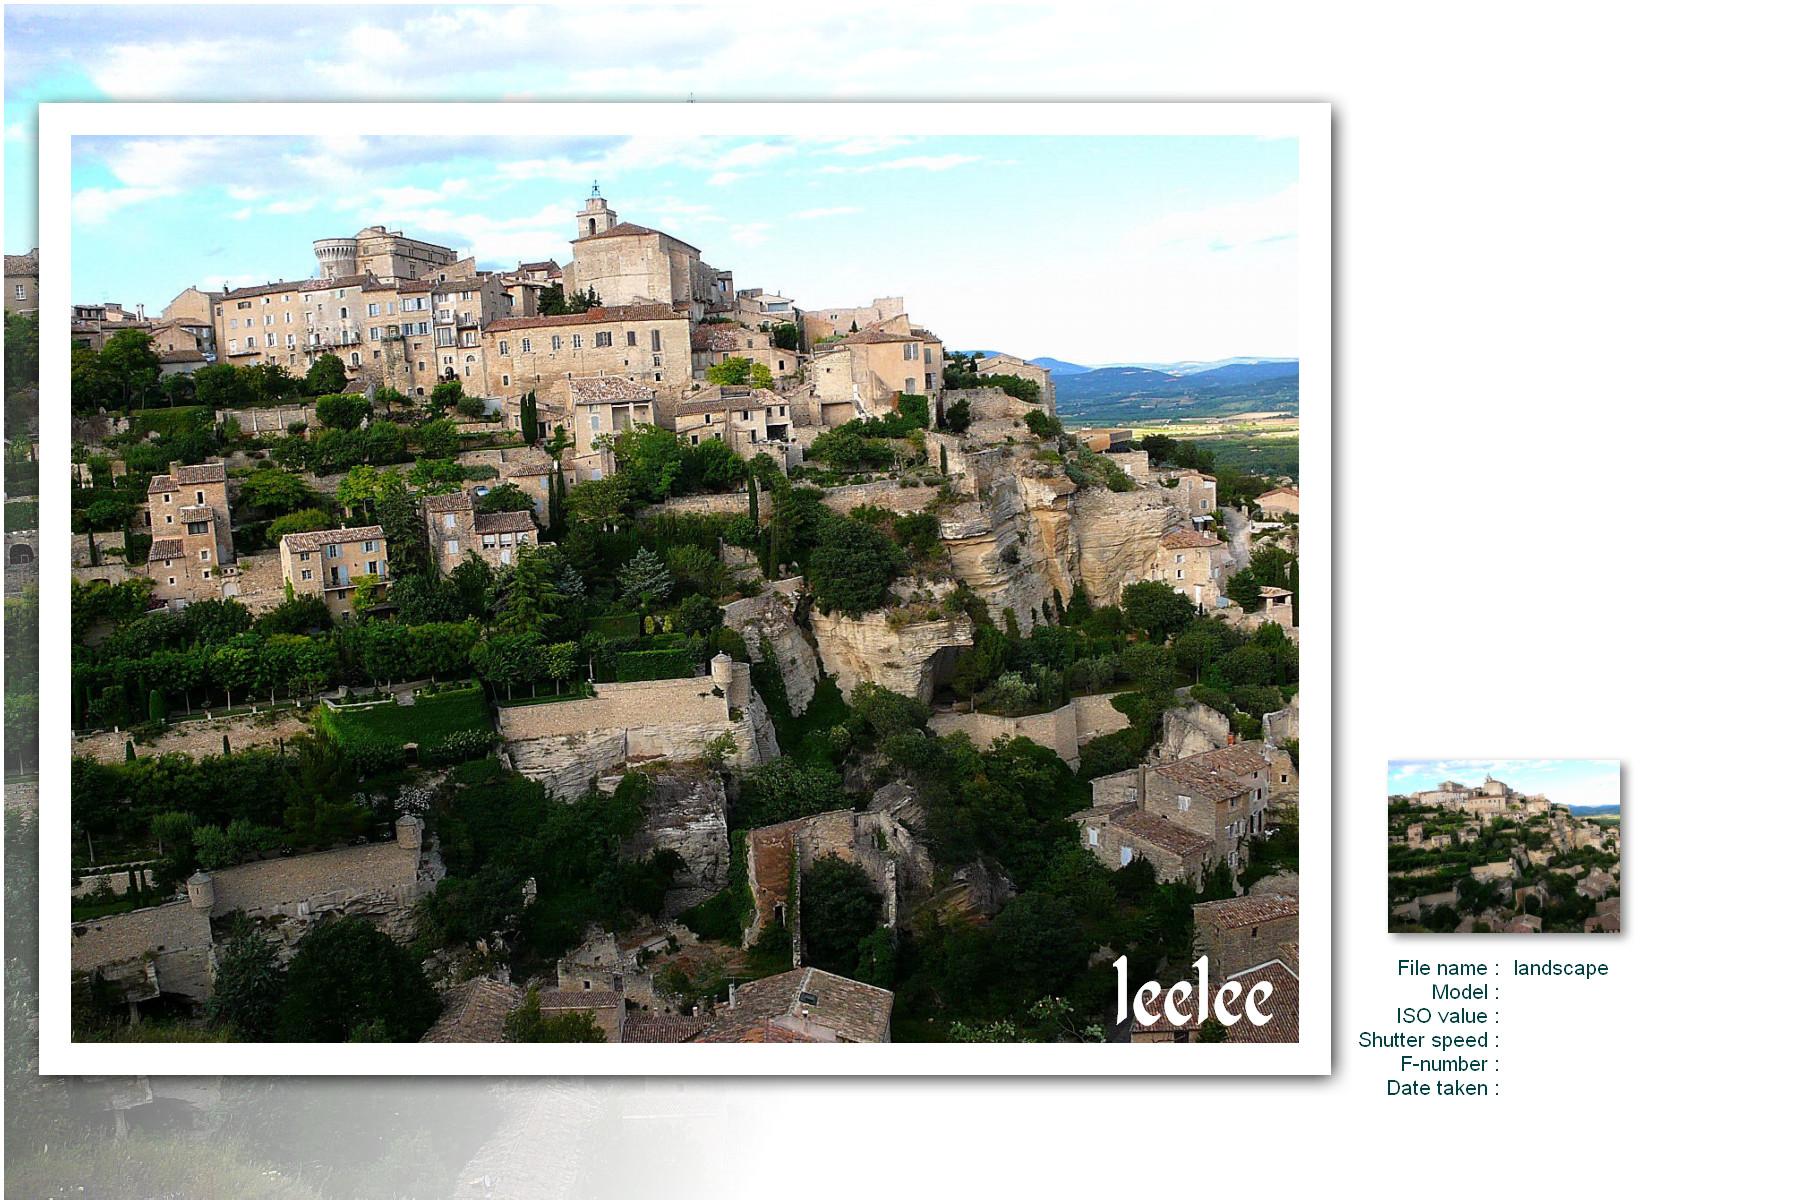 2007 南法小鎮花見行&巴黎略影:在Gordes,驚見天空山城.jpg